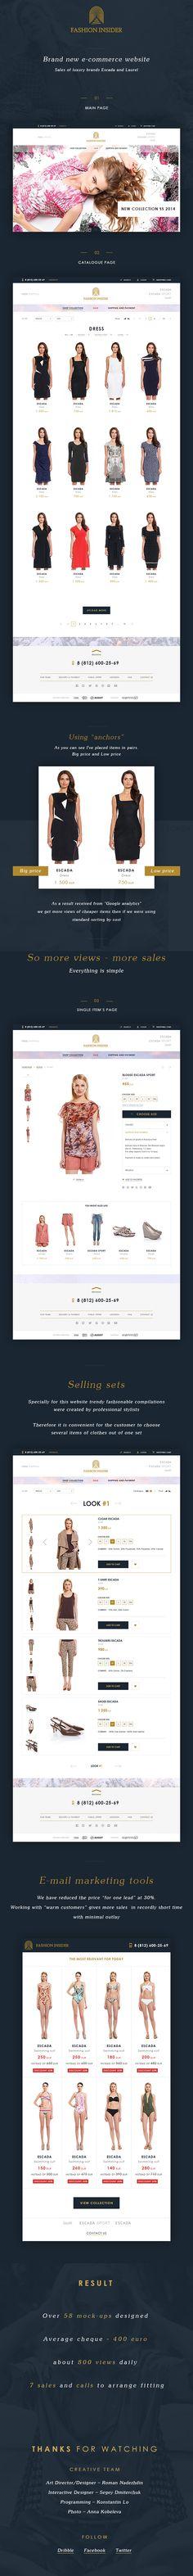 Fashion insider - eCommerce website, Logo, Branding on Behance